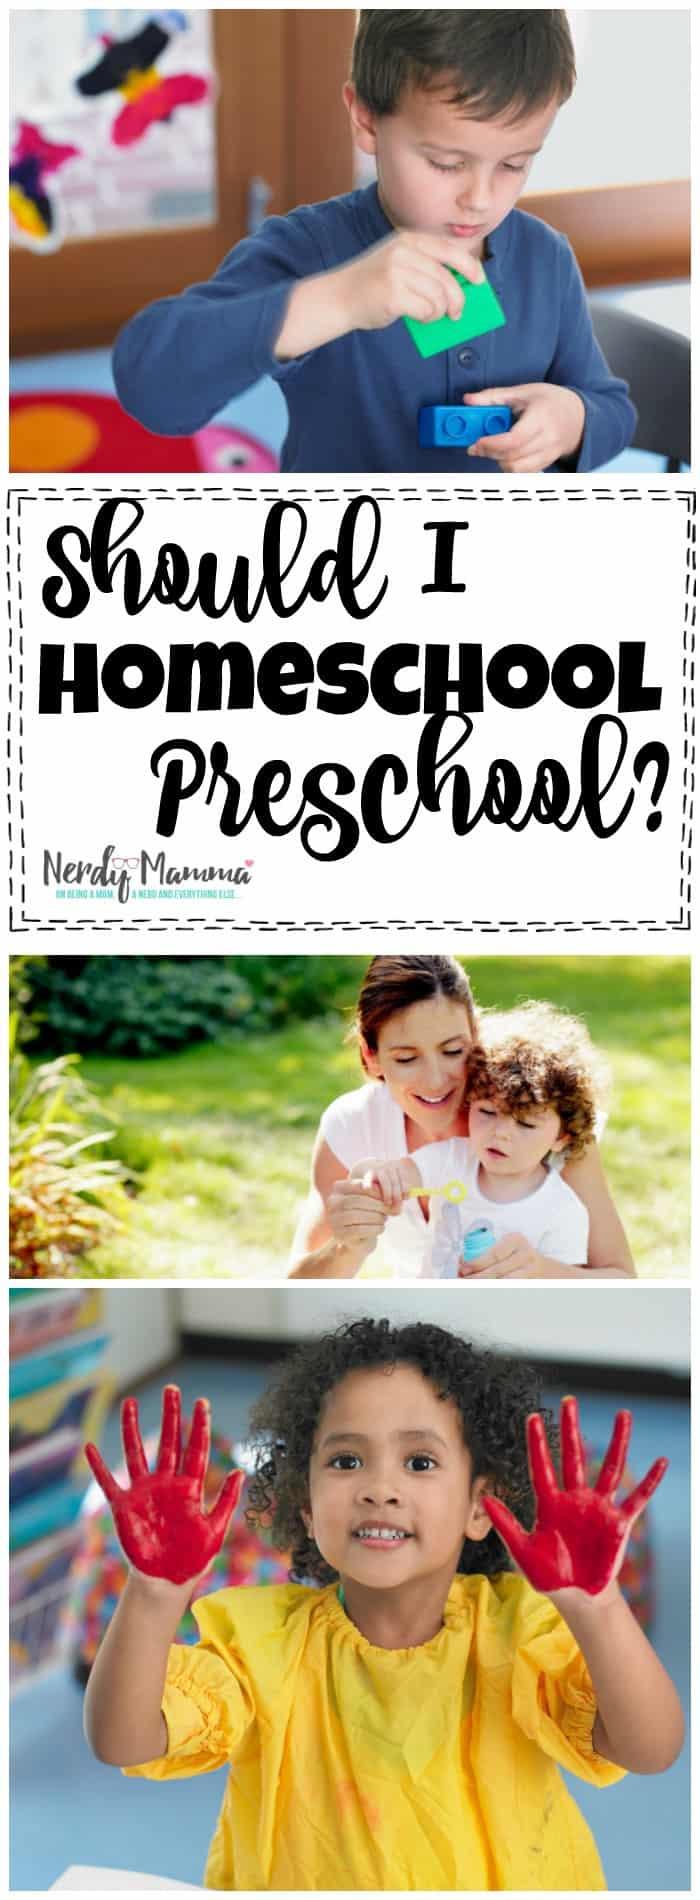 Should I homeschool preschool